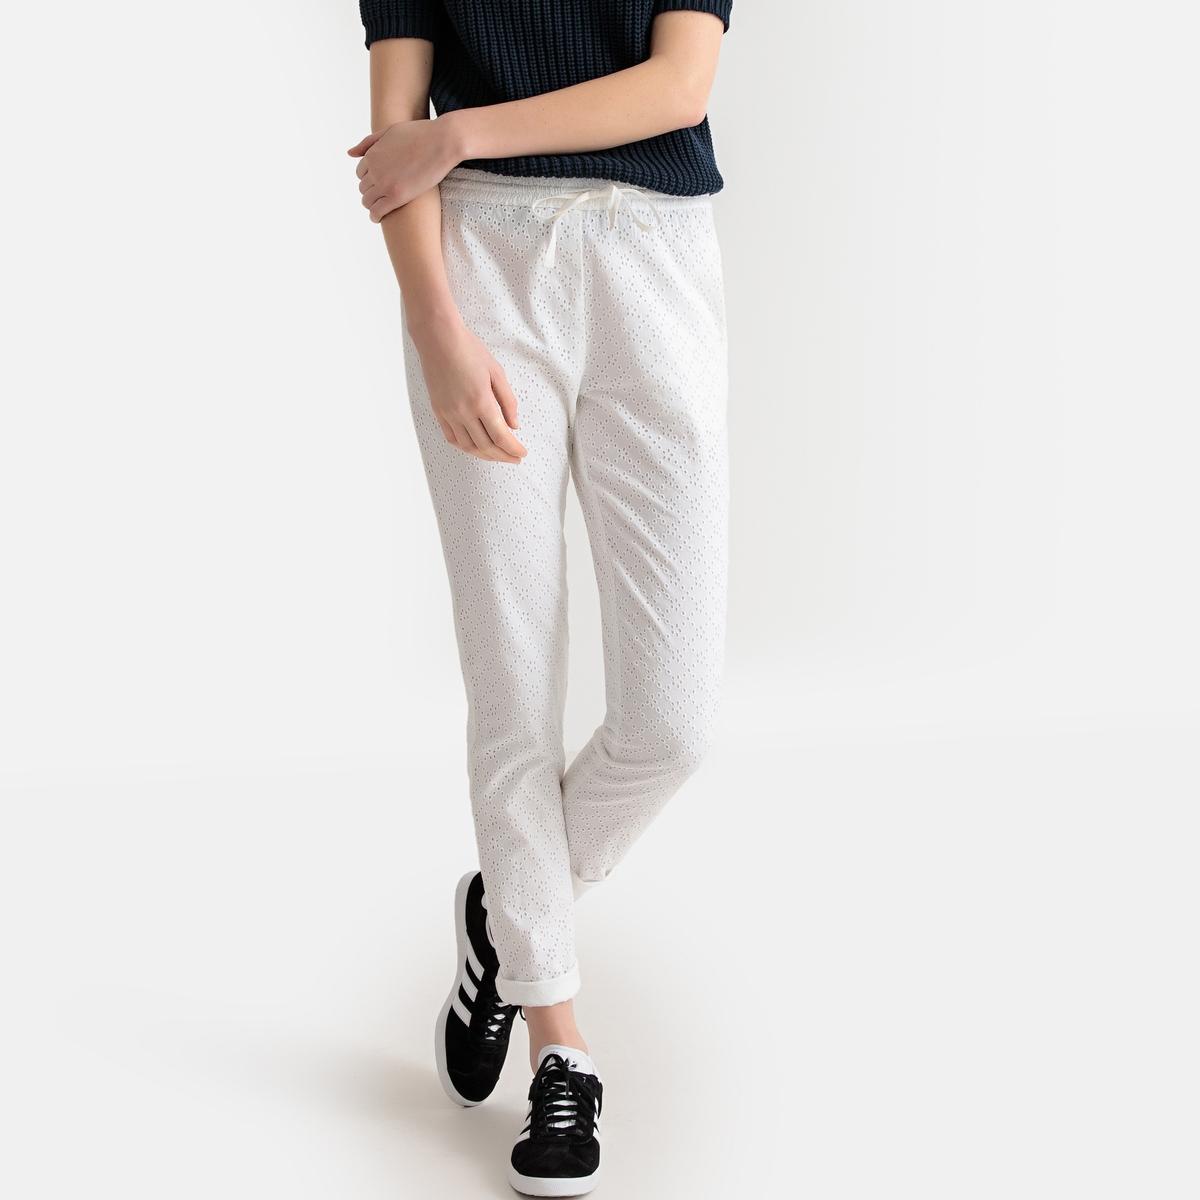 Брюки-дудочки La Redoute Из английской вышивки 34 (FR) - 40 (RUS) белый брюки la redoute узкие дудочки с жаккардовым рисунком 50 fr 56 rus черный